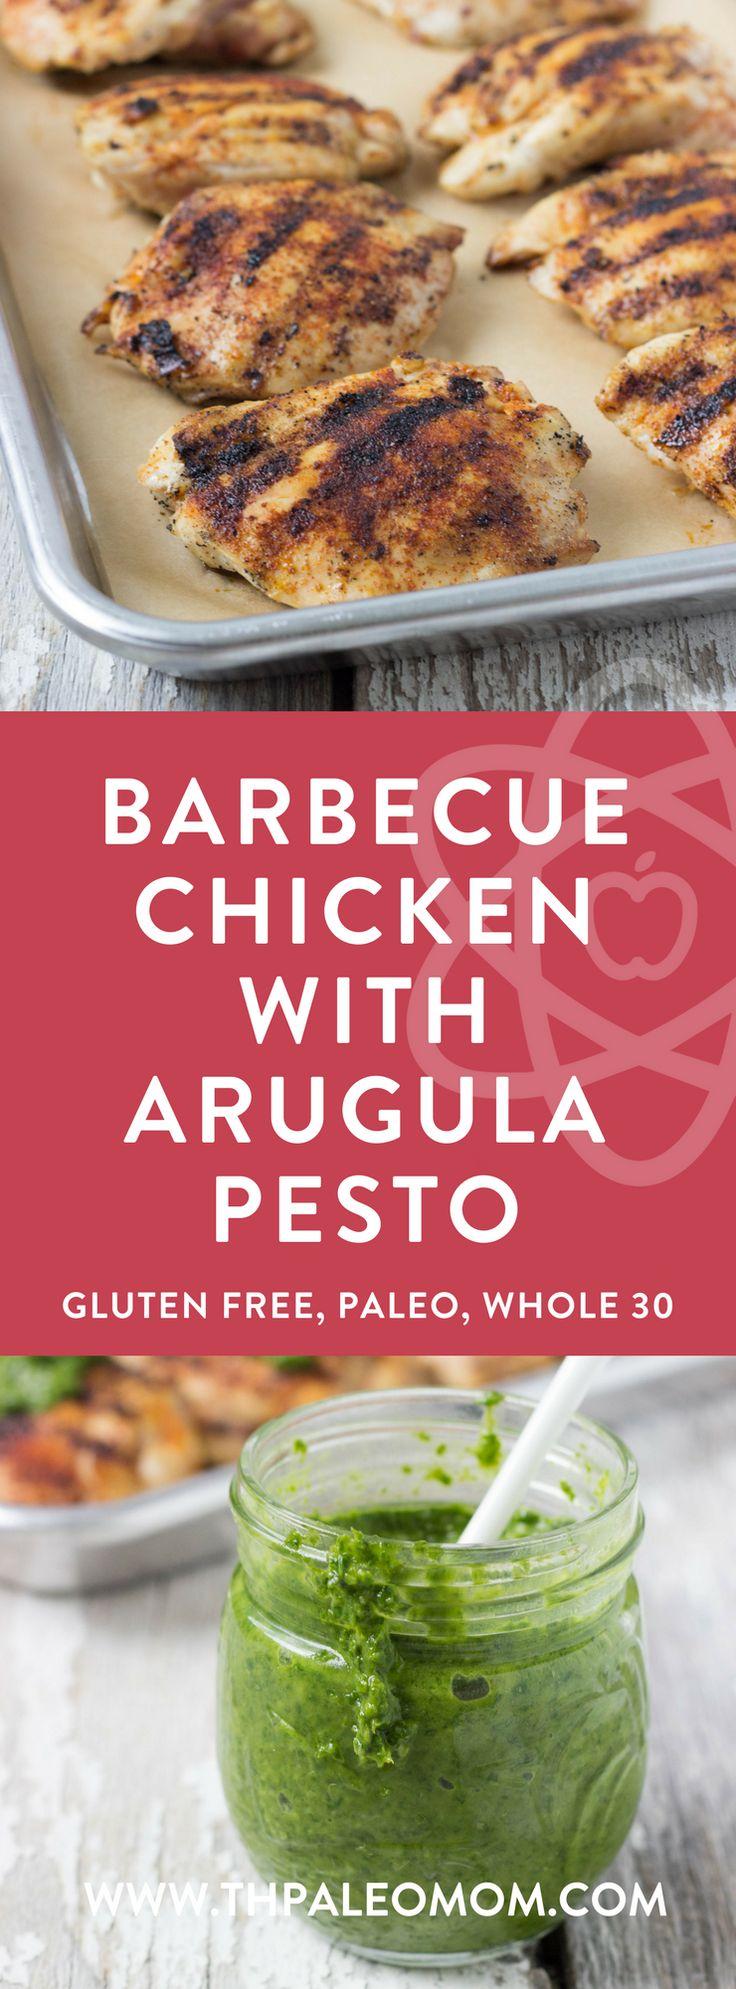 Barbecue Chicken with Arugula Pesto | The Paleo Mom (Paleo, Whole 30)